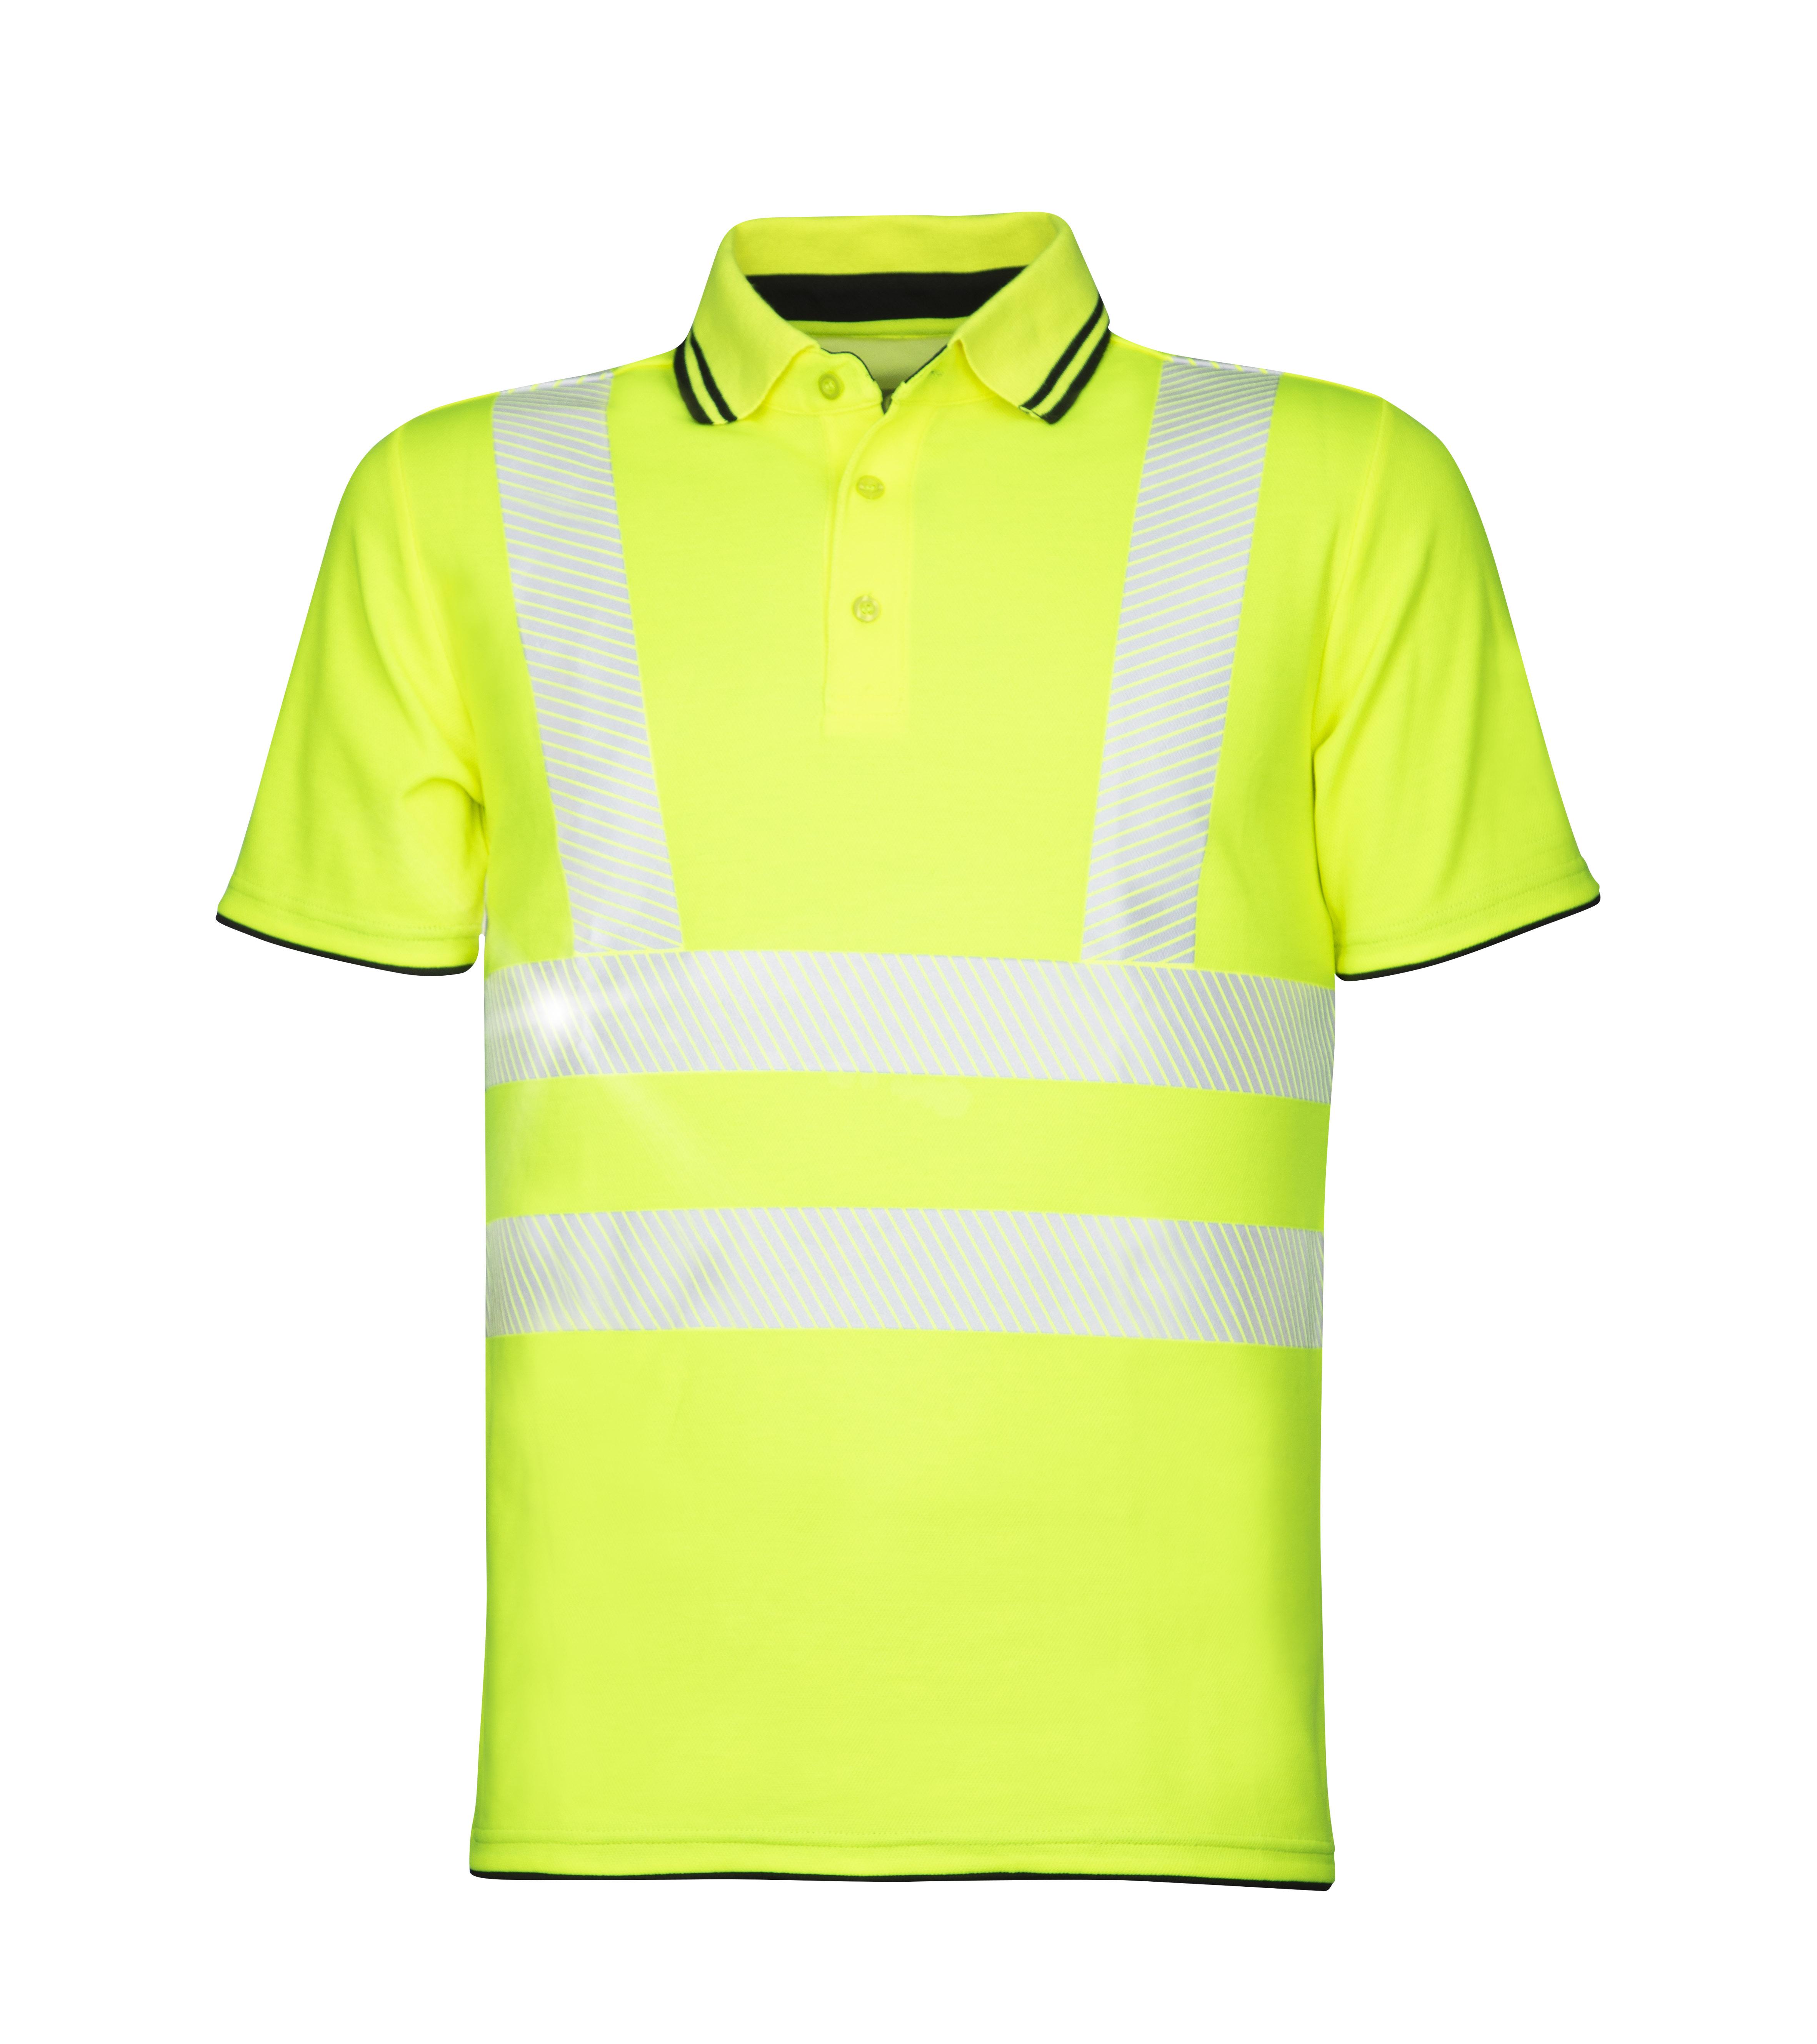 Signalizirajuća Hi-viz polo majica SIGNAL žuta